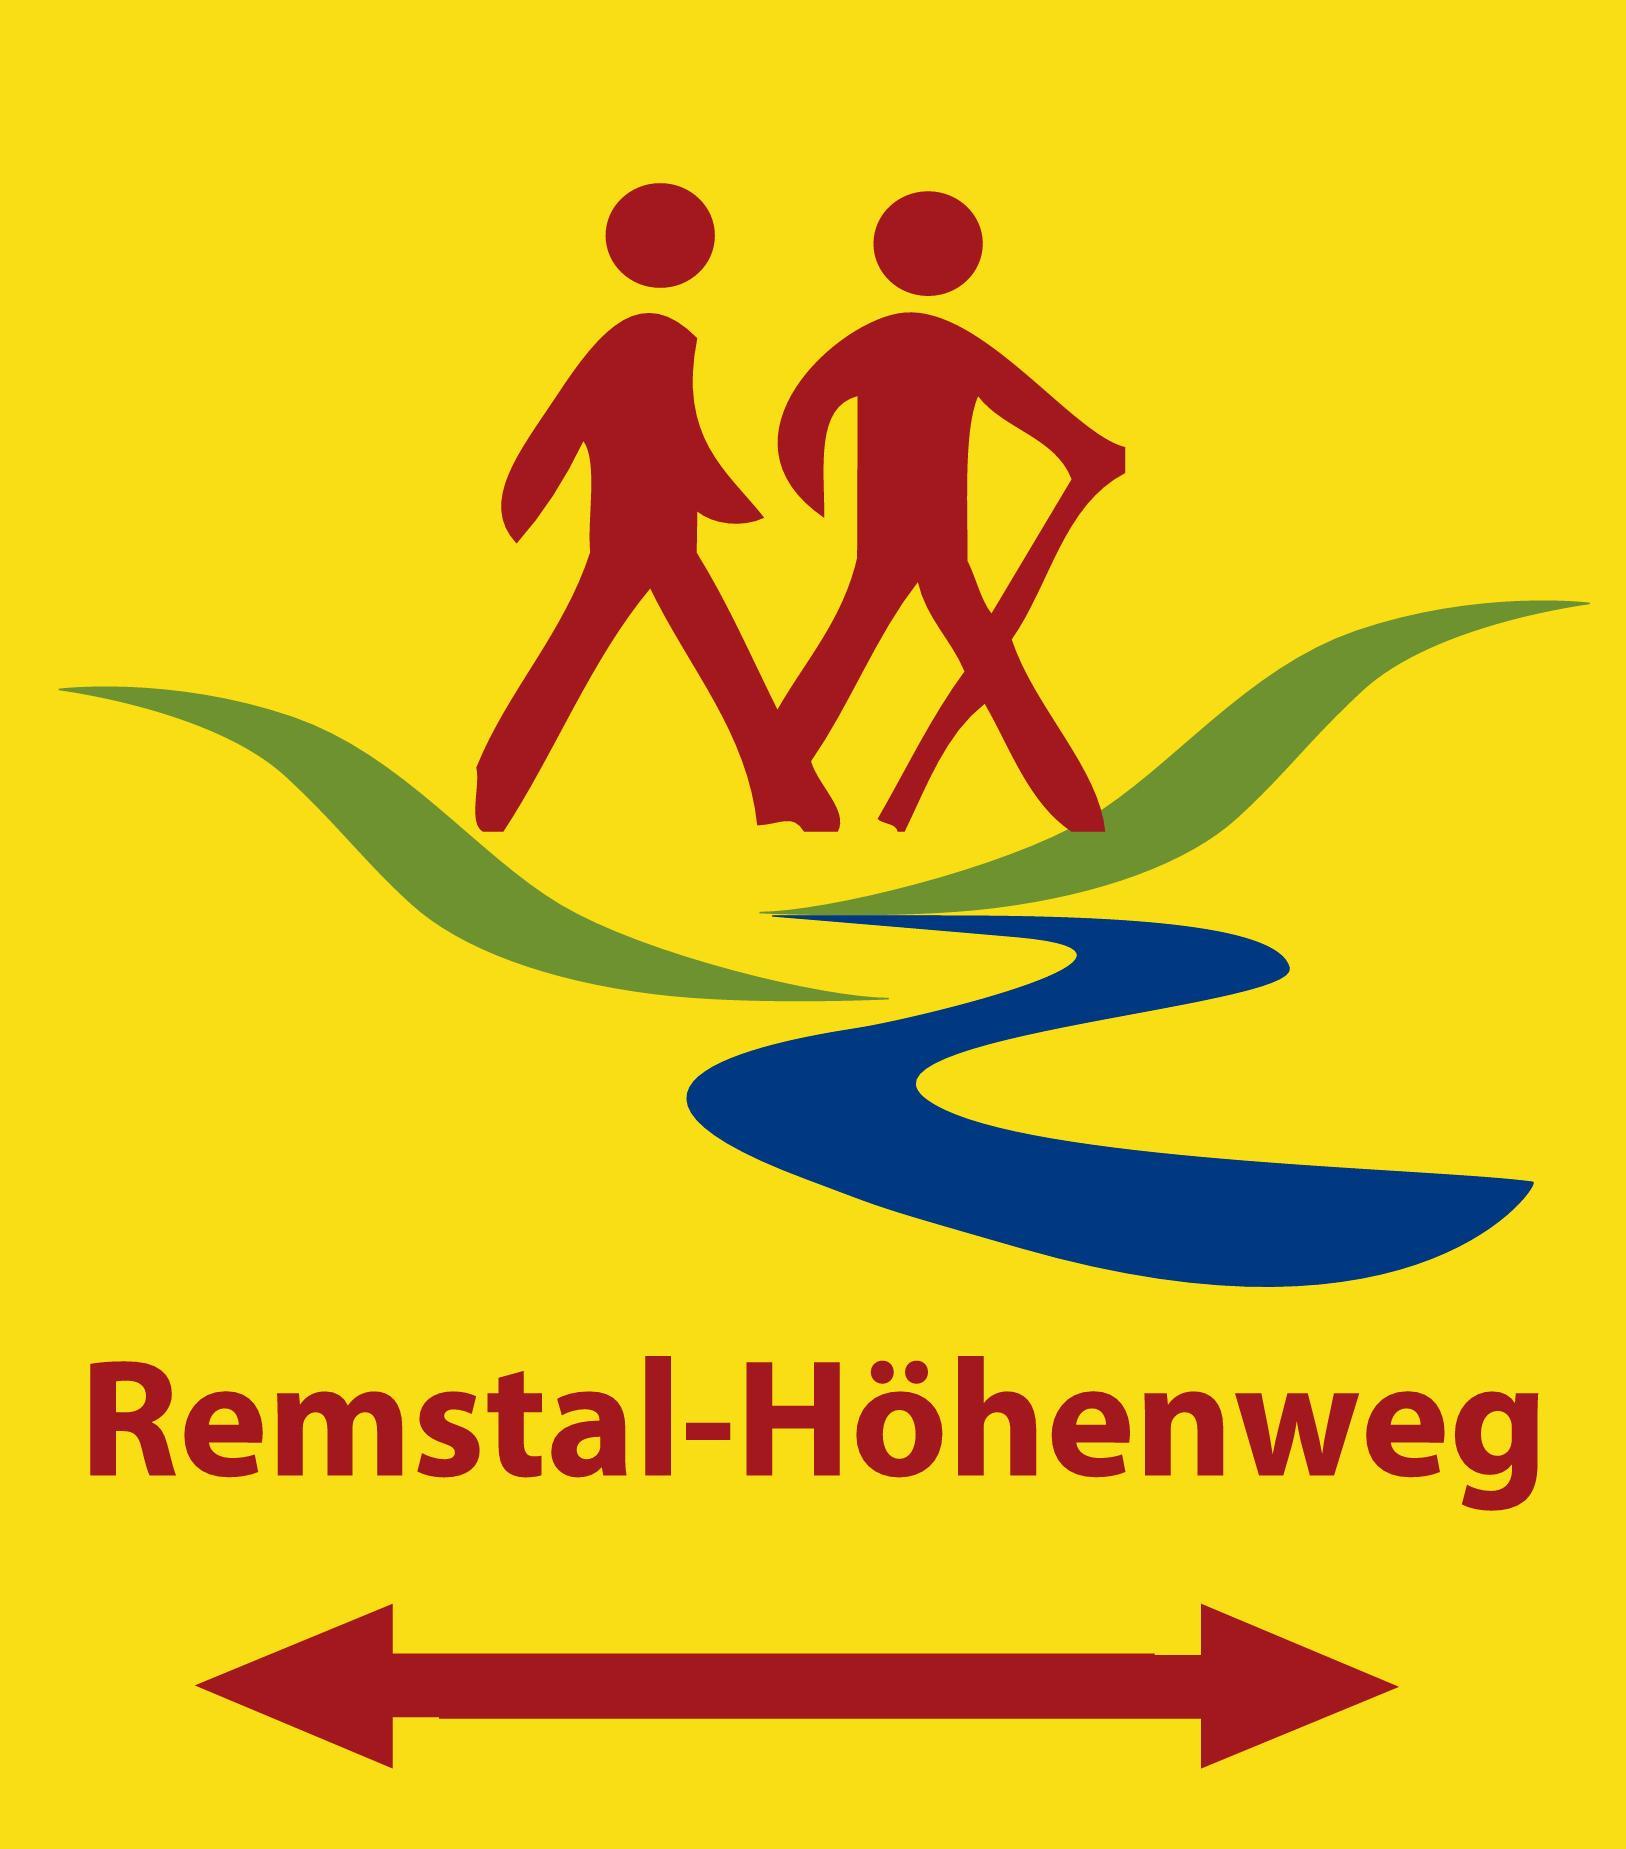 Piktogramm Remstal Höhenweg